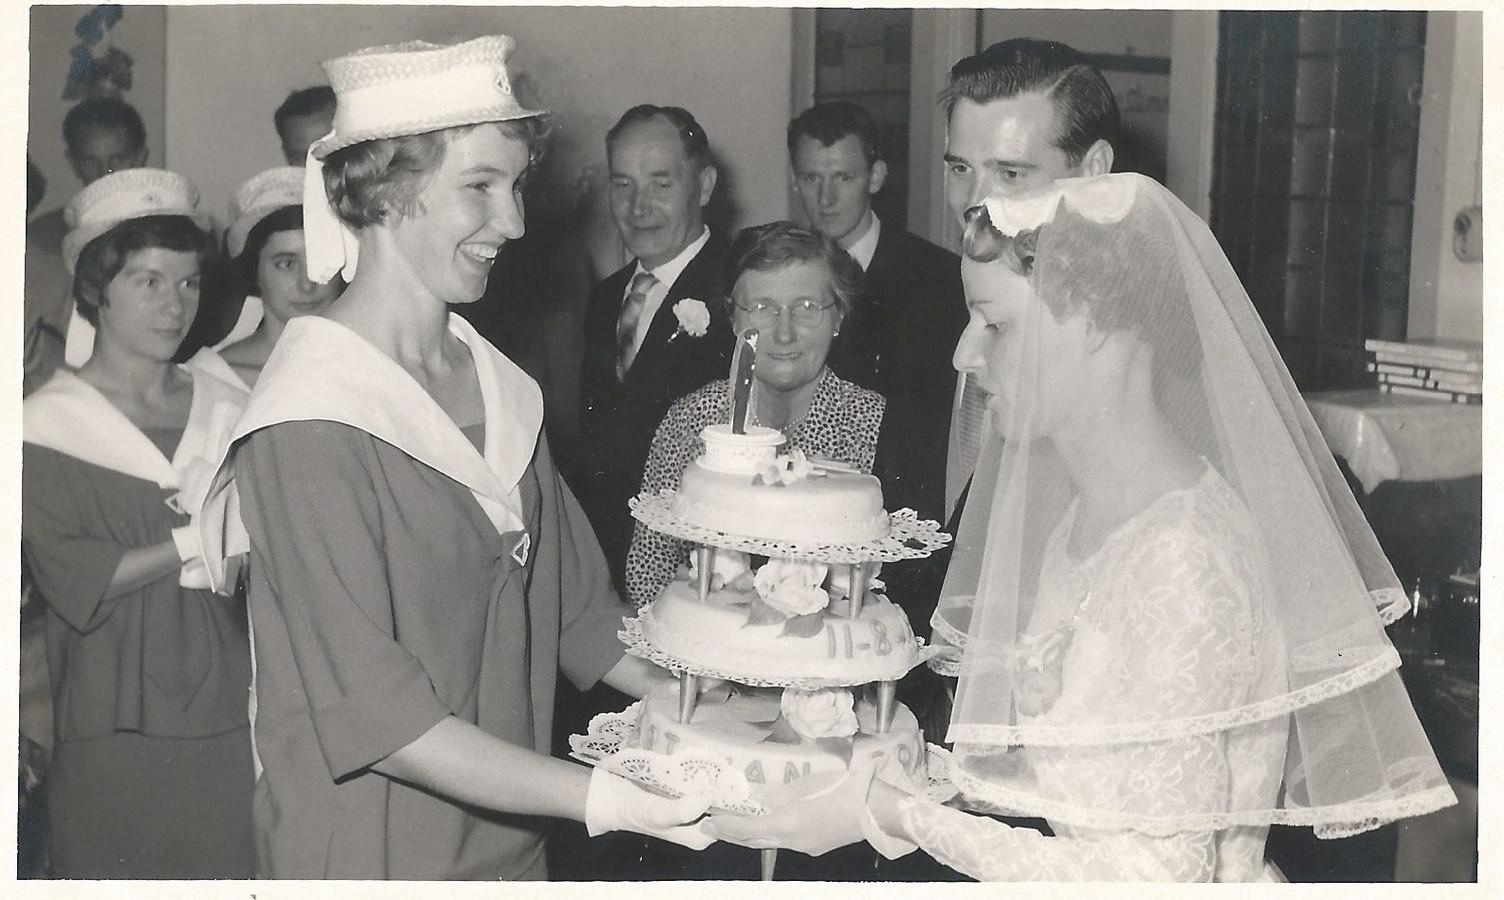 Een hostess overhandigt namens de organisatie een bruidstaart aan de winnaars van de verkiezing Ad en Thea Tabbers.